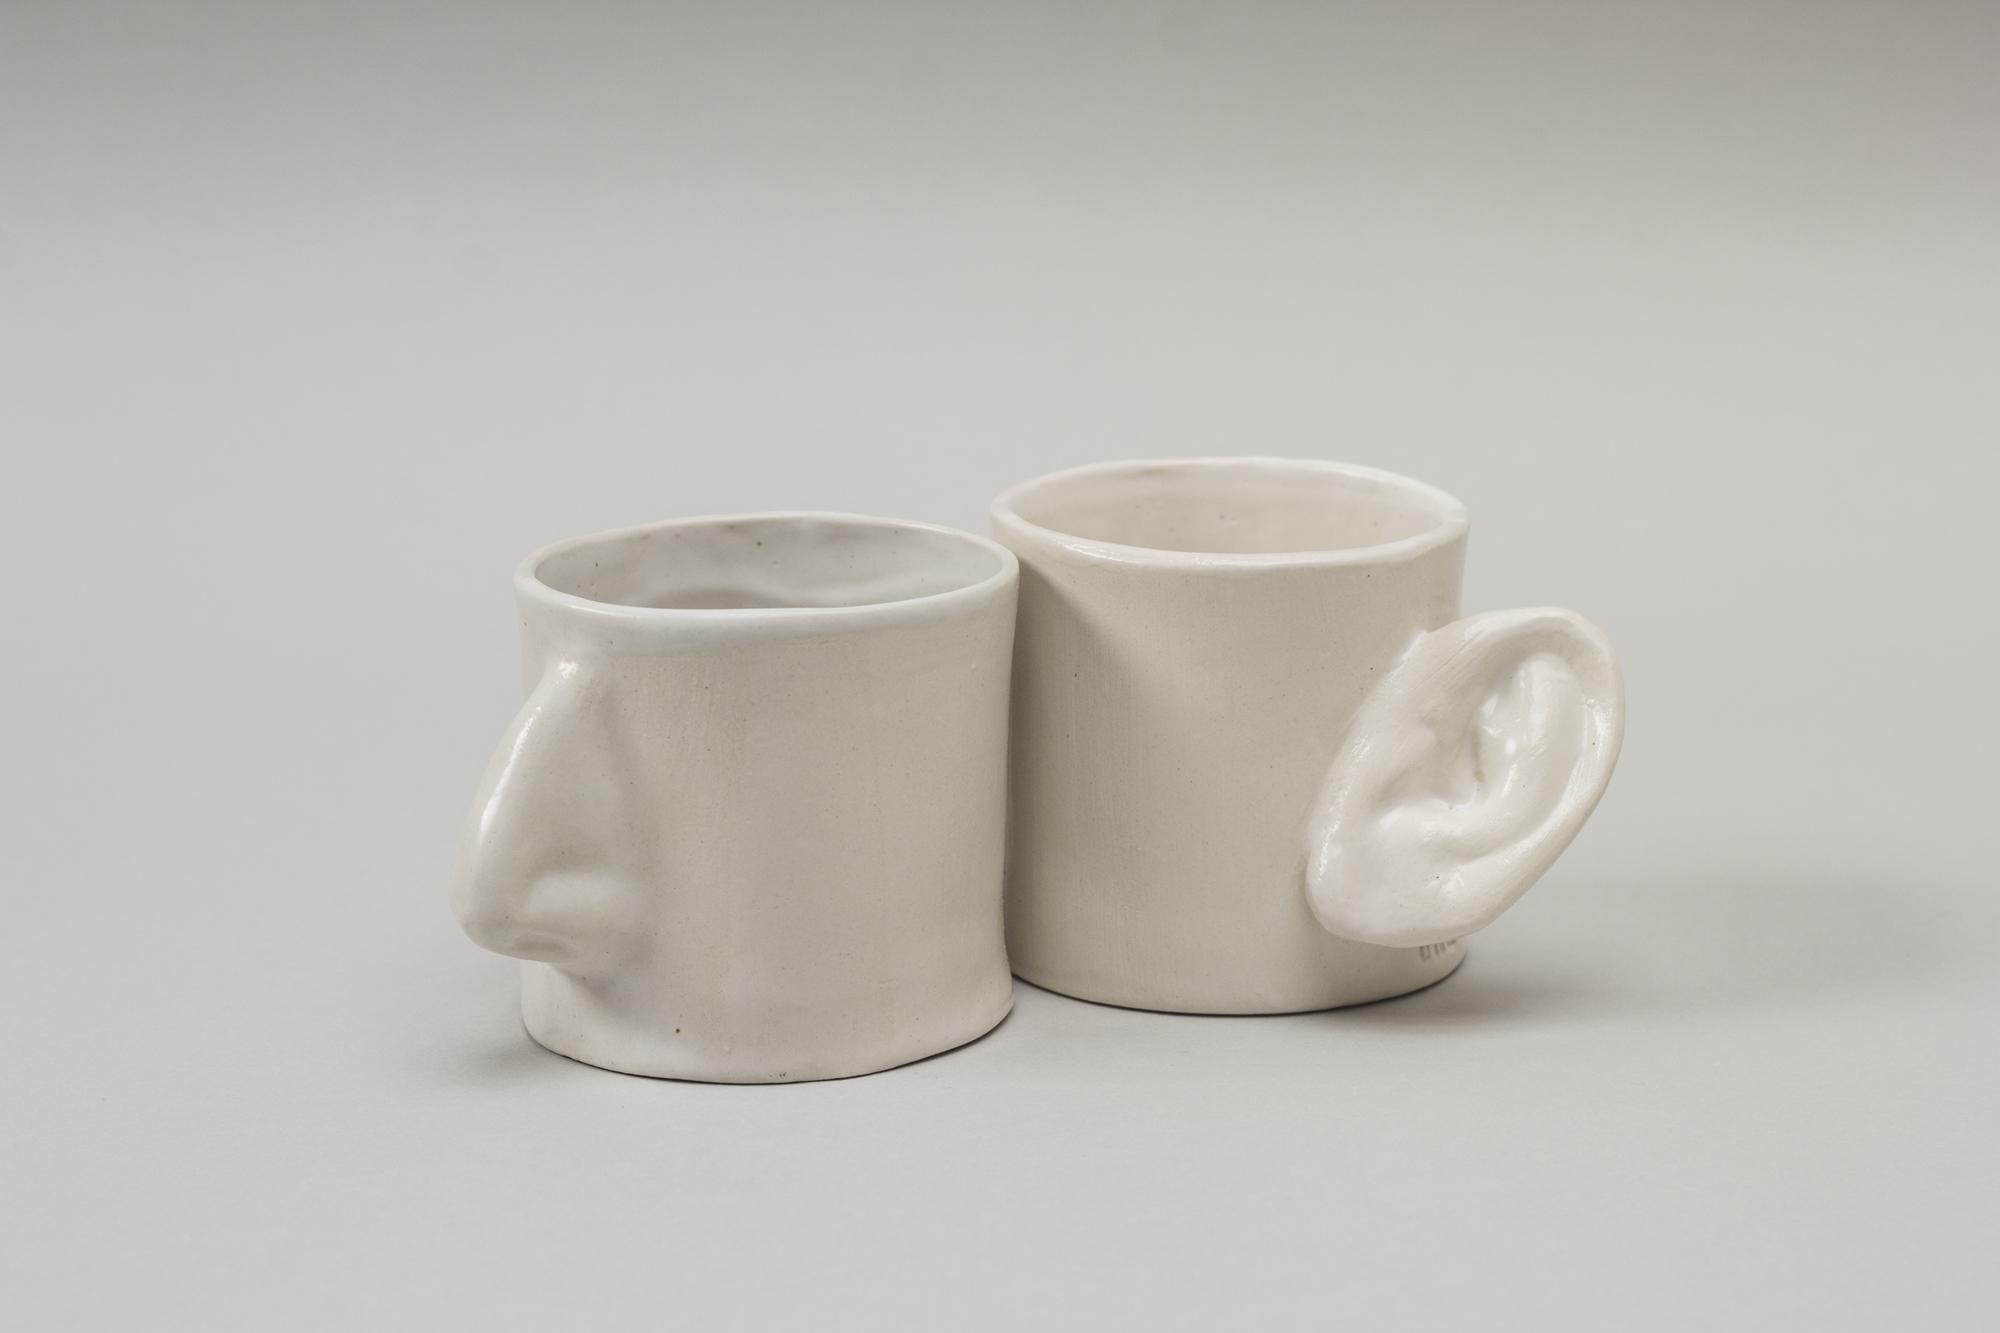 Con estas tazas serás el más original de la oficina a la hora del café. Foto: Flora de Veiga.